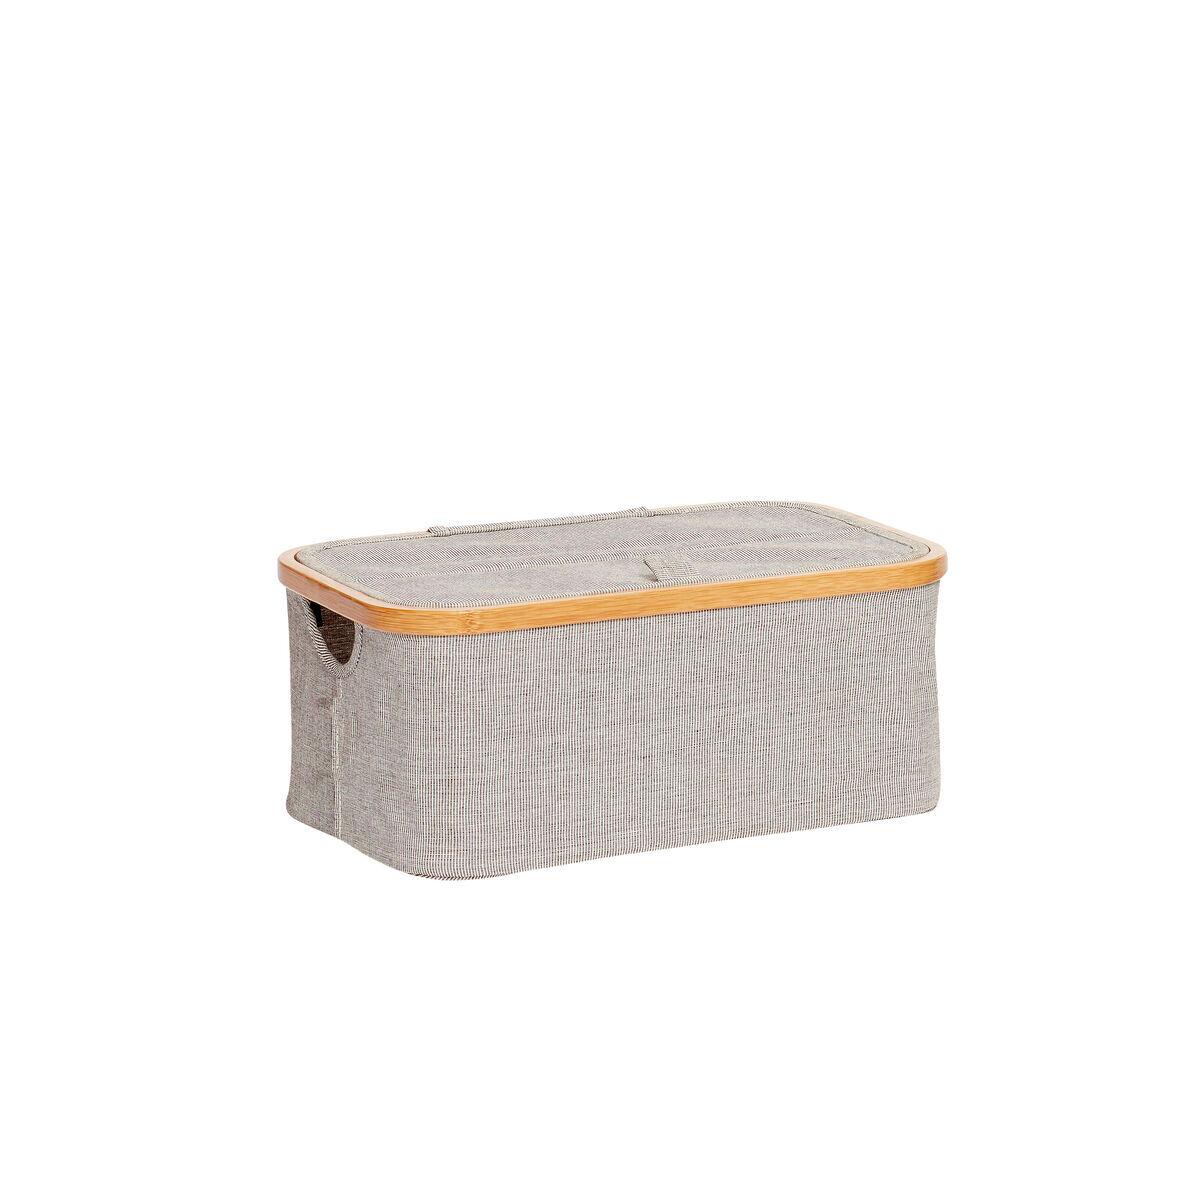 Hubsch Boîte de rangement avec couvercle en tissu et bambou gris